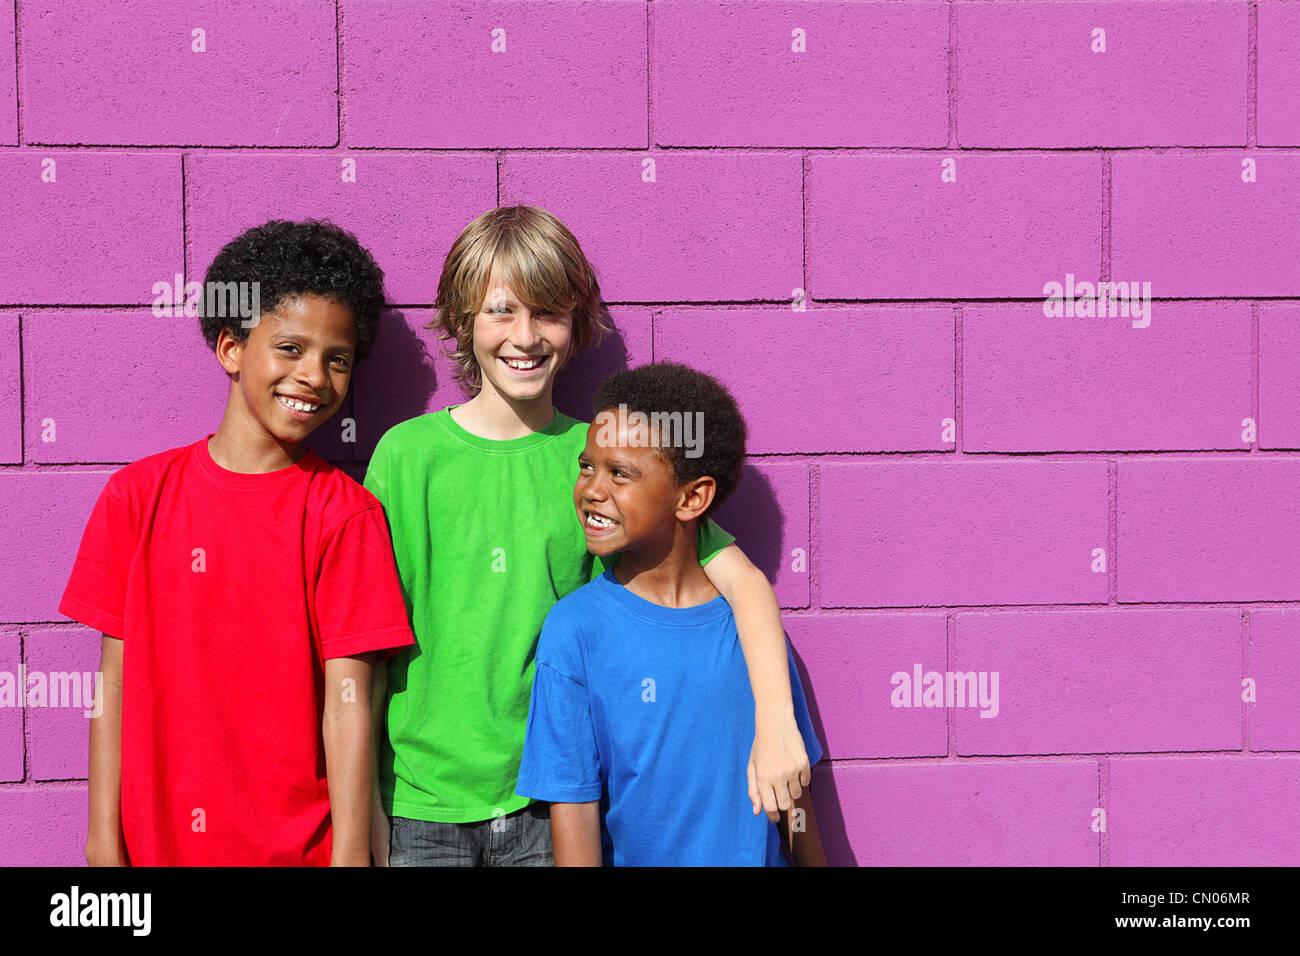 diverse kids - Stock Image